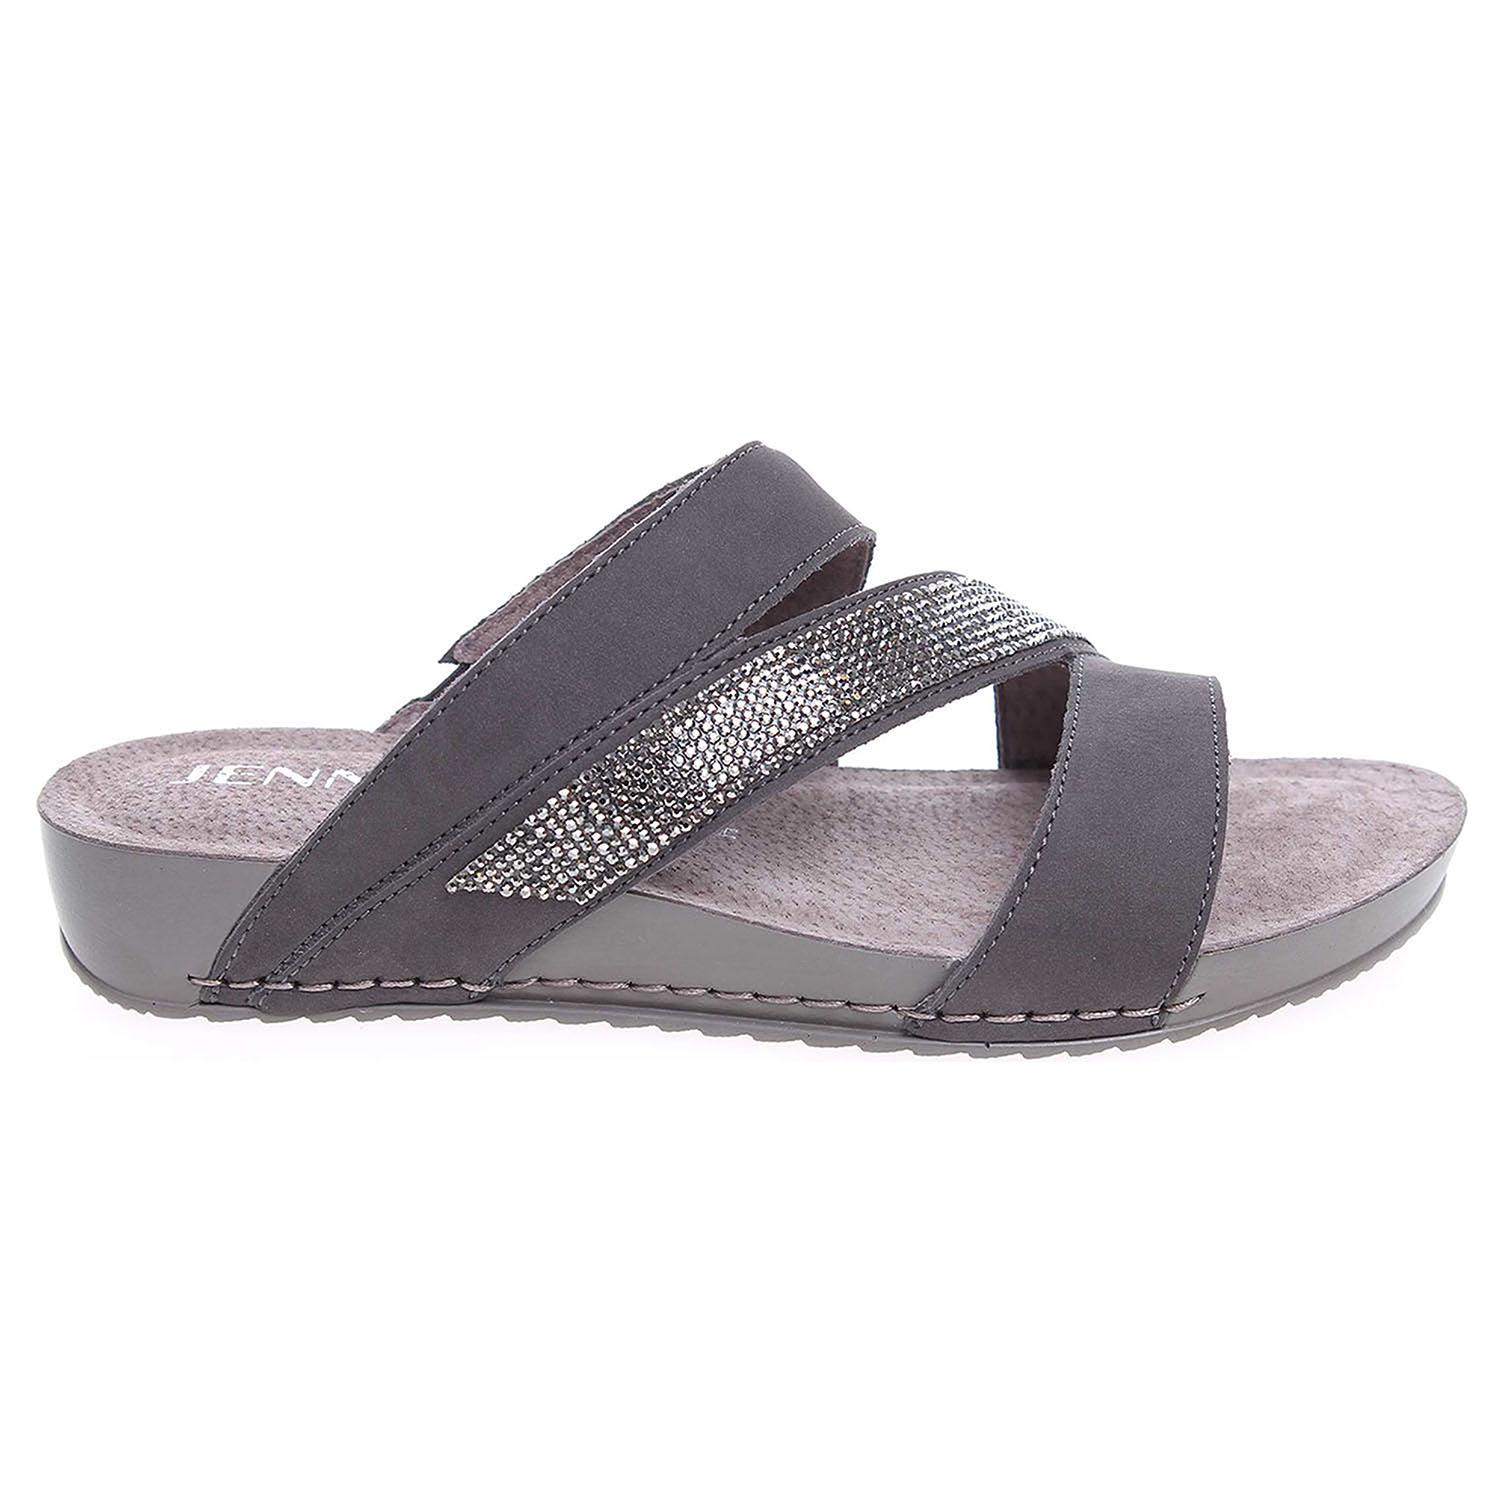 Ara dámské pantofle 57314-05 šedé 41